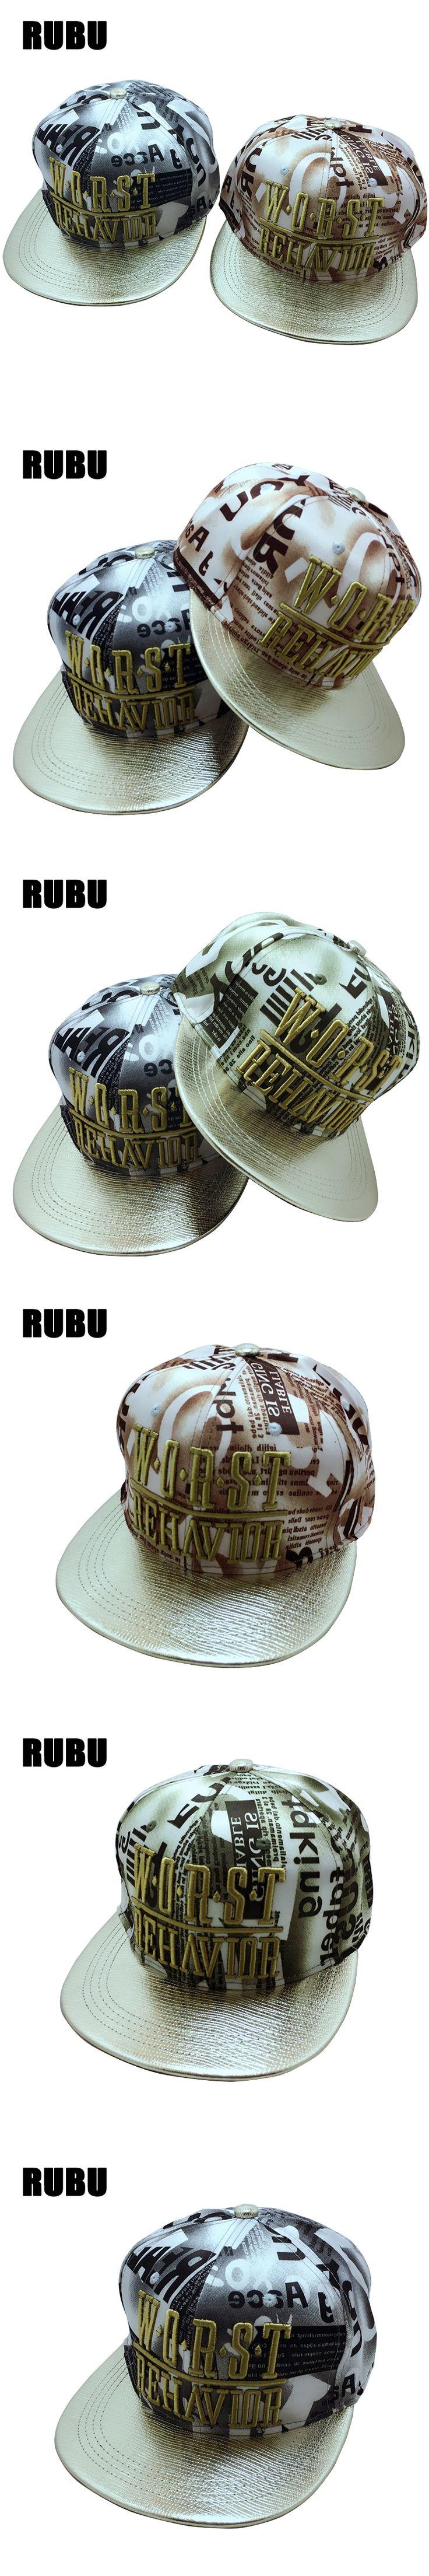 New caps Gorras Planas Hip Hop Cap Snapback Hip Hop Hat Men Cappelli Hip-Hop Swag Hats Mens Snapbacks Brand Polo Cap boy girl